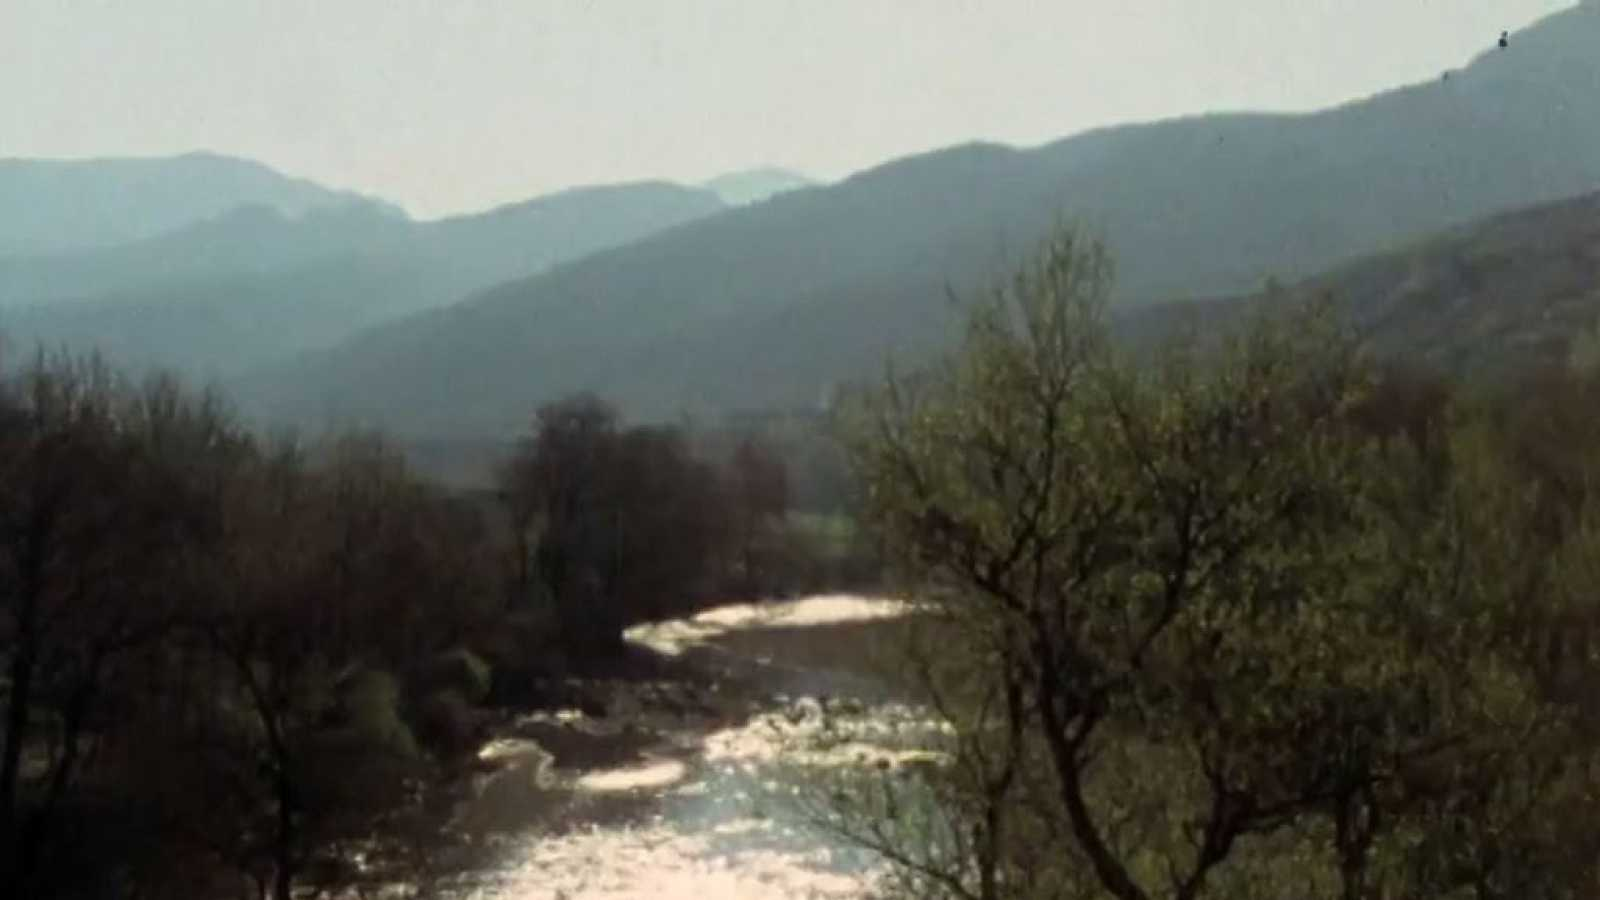 Los ríos - Noguera Pallaresa